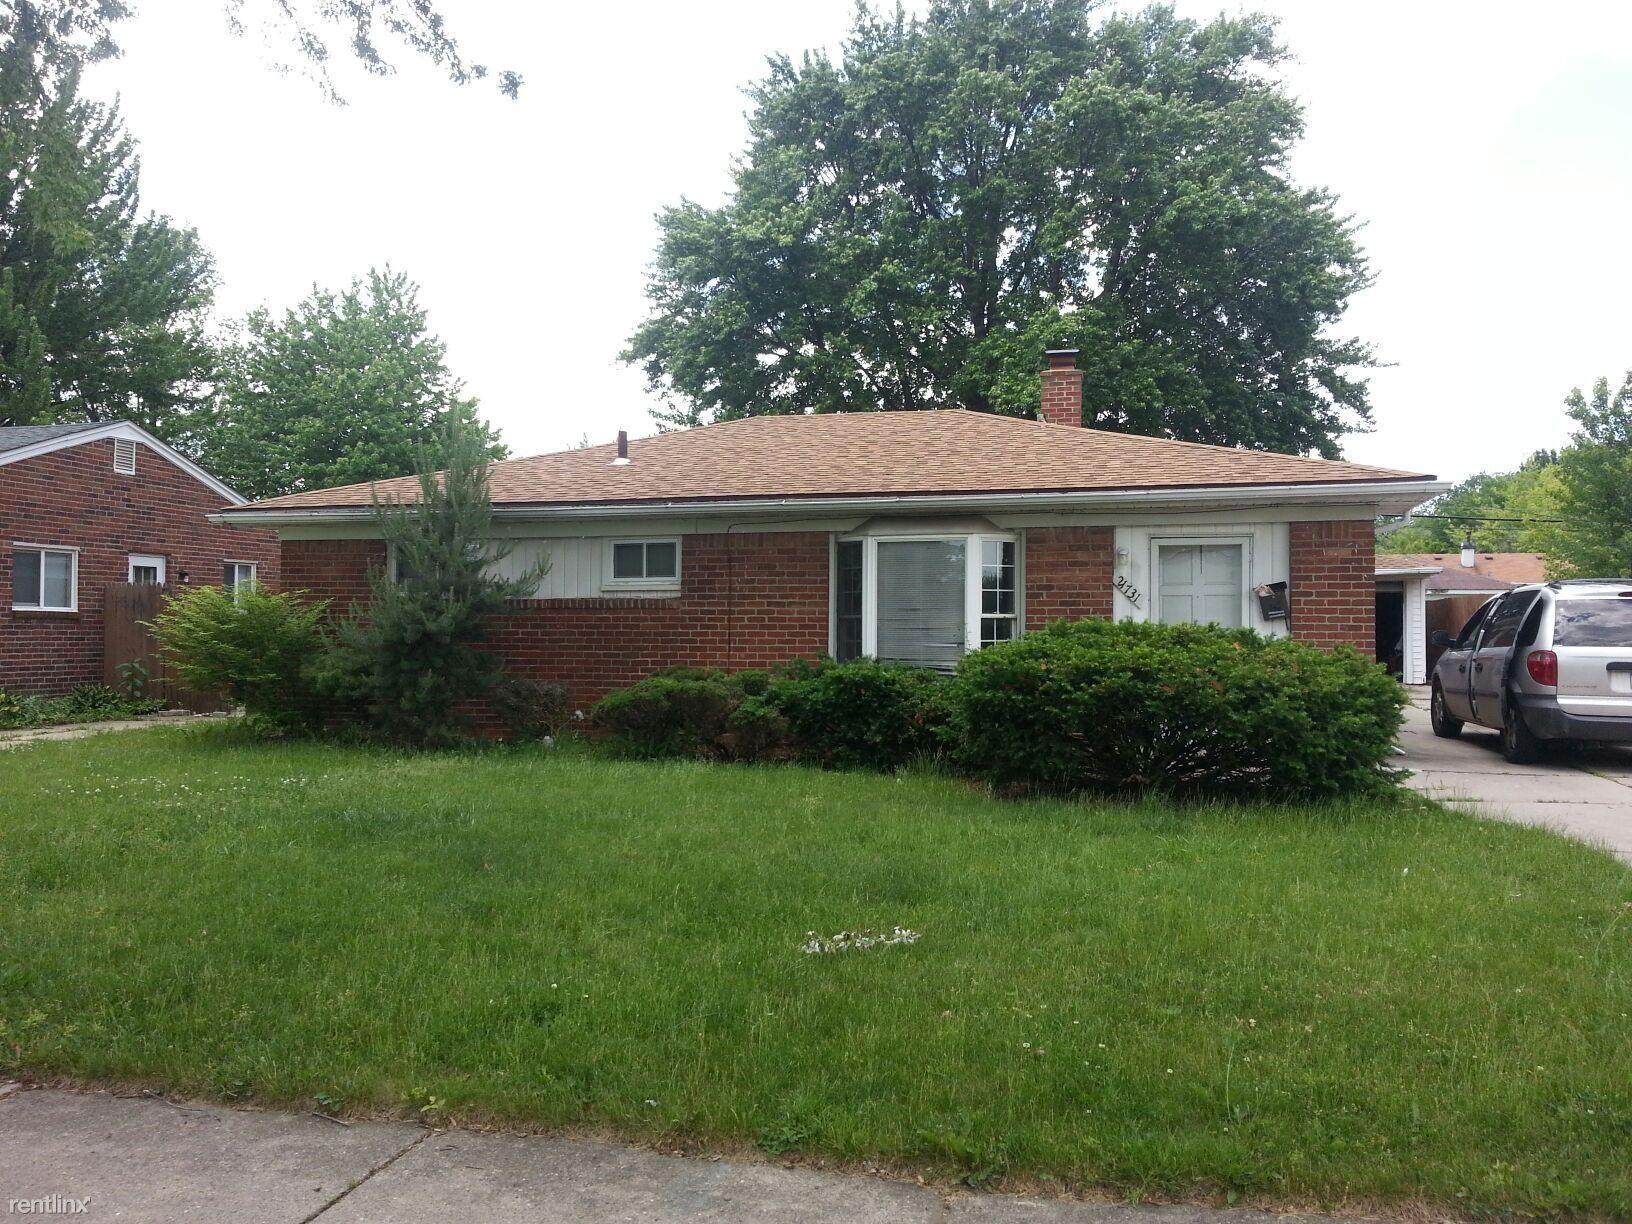 21731 Dexter Ct Warren Mi 48089 3 Bedroom House For Rent For 800 Month Zumper